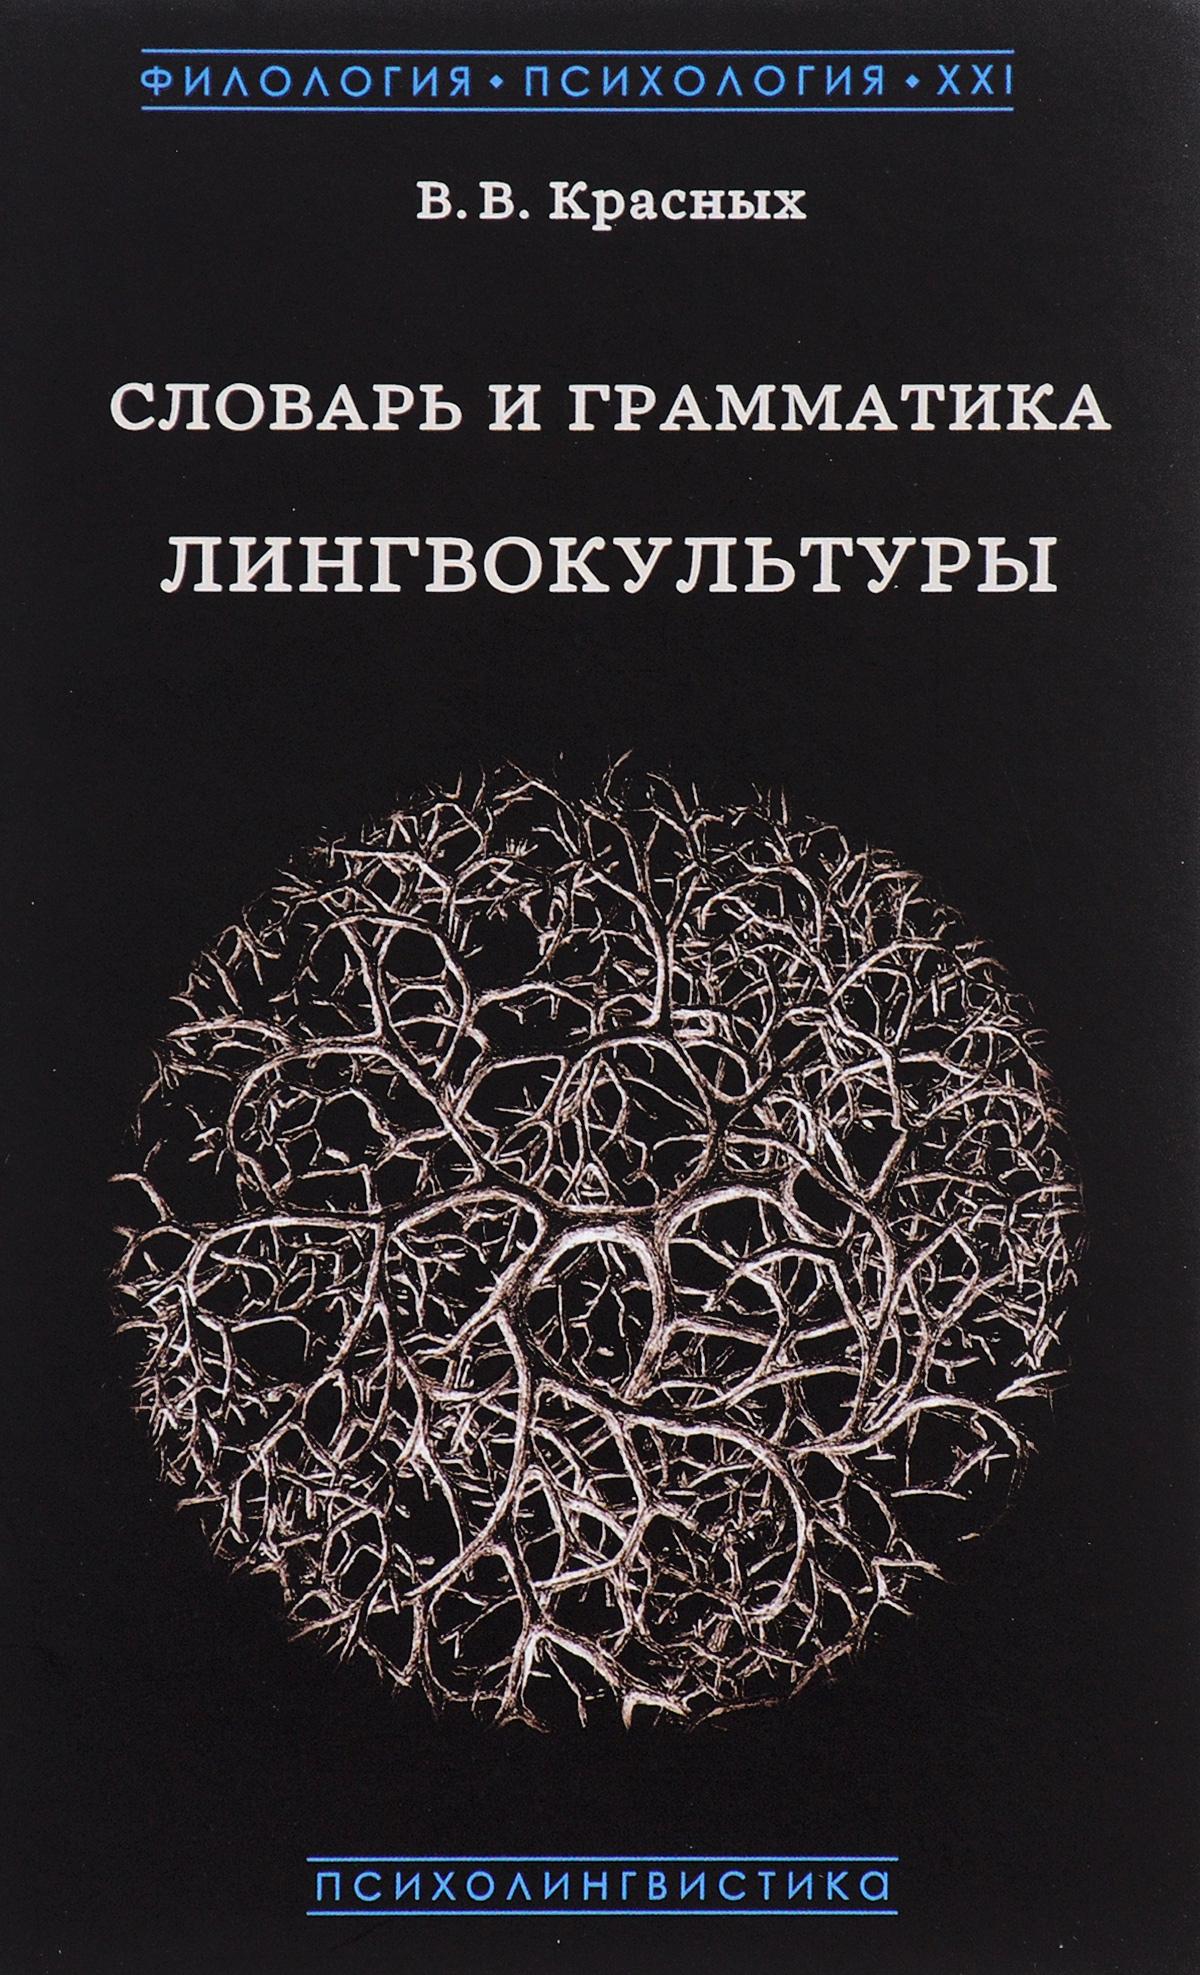 Словарь и грамматика лингвокультуры. Основы психолингвокультурологии